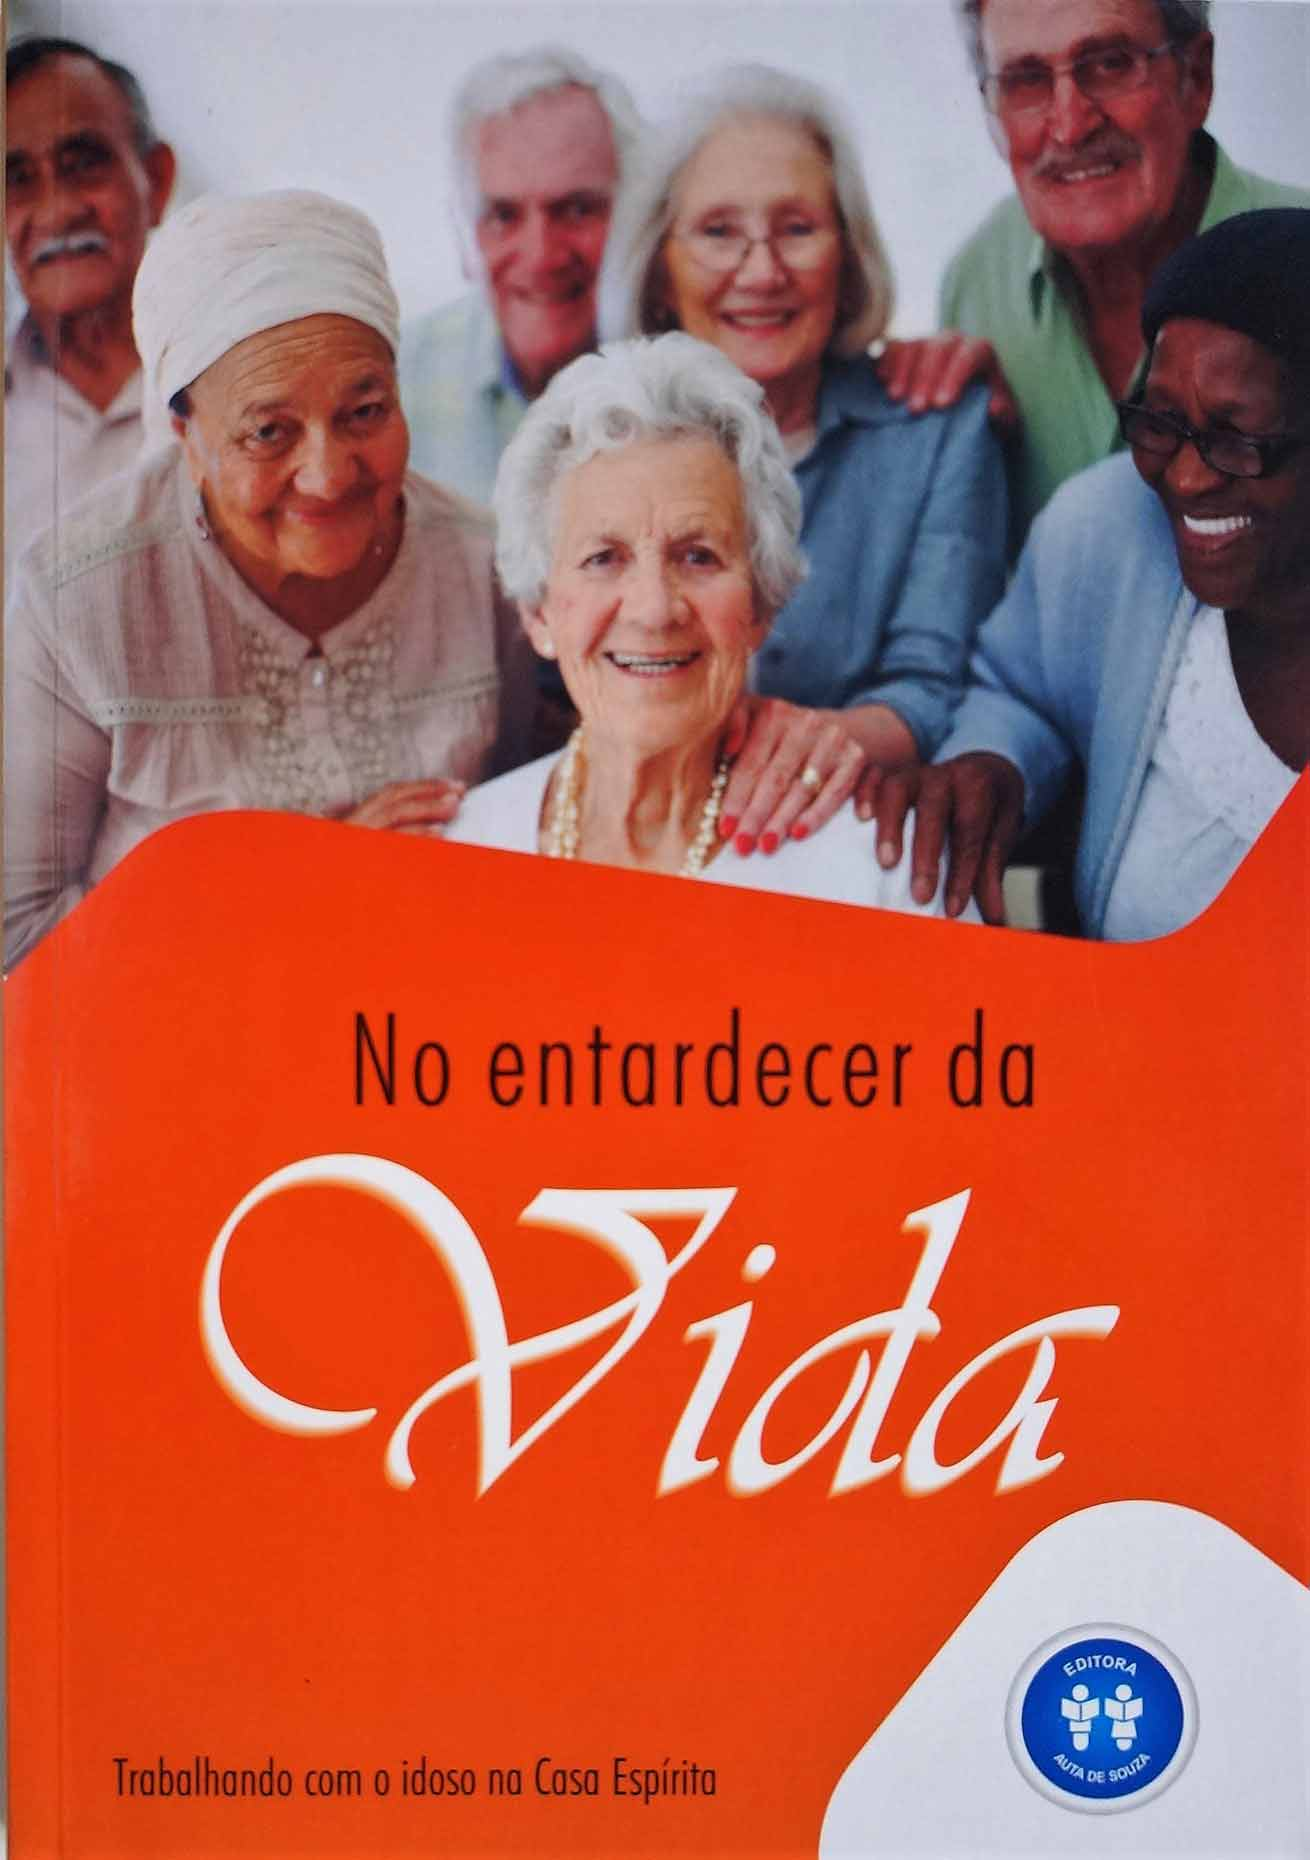 NO ENTARDECER DA VIDA - TRABALHANDO COM O IDOSO NA CASA ESPÍRITA